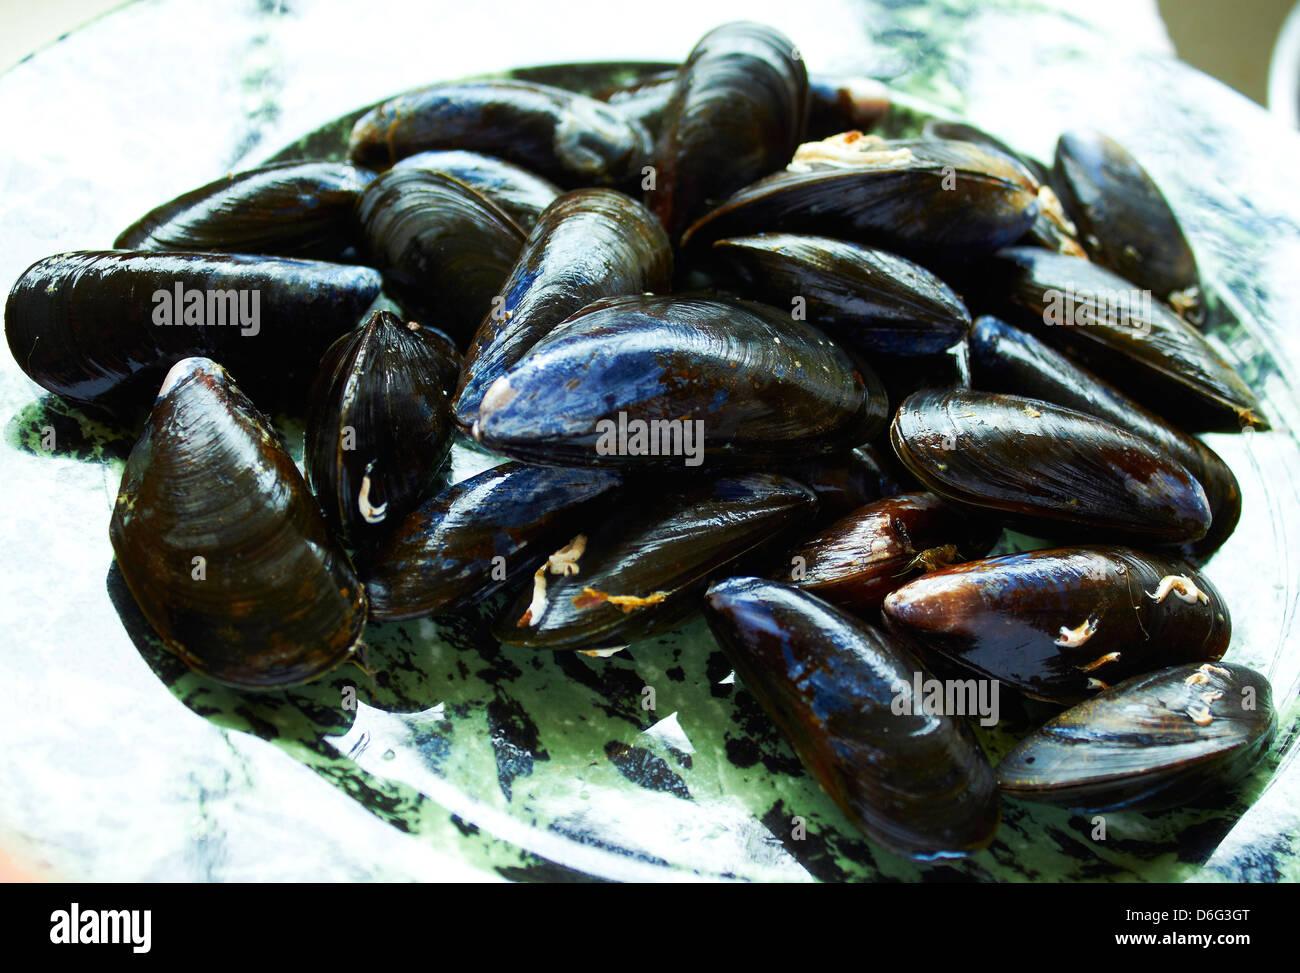 Frischen lebenden schottischen Muscheln Stockbild